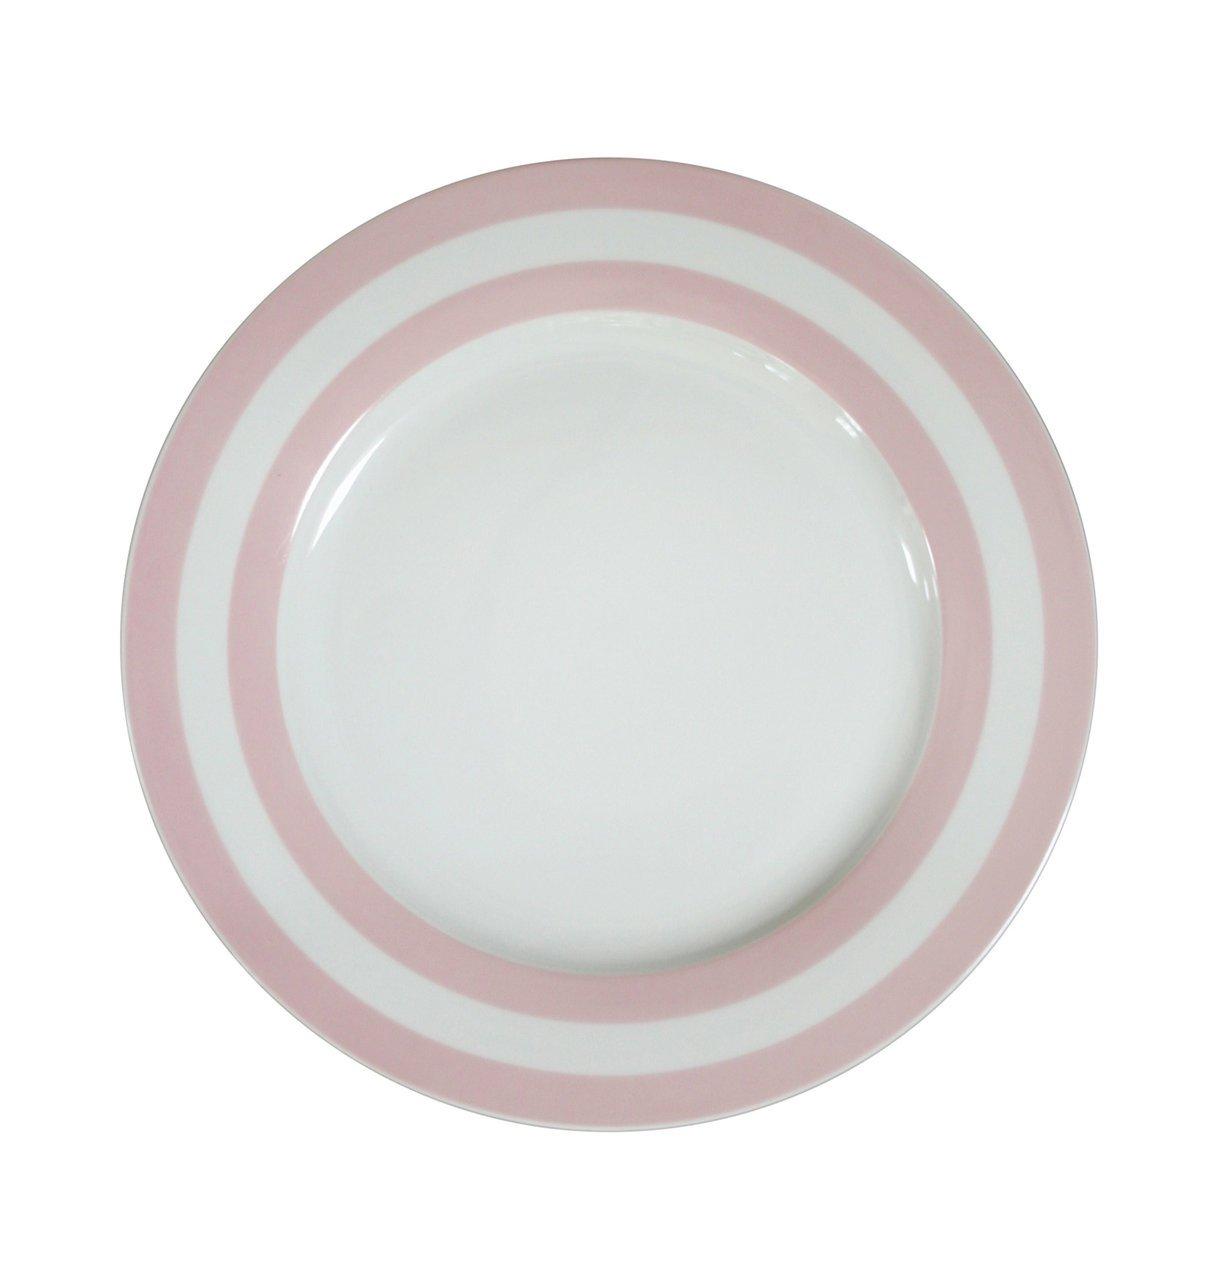 Krasilnikoff Dinner plate Essteller Striped